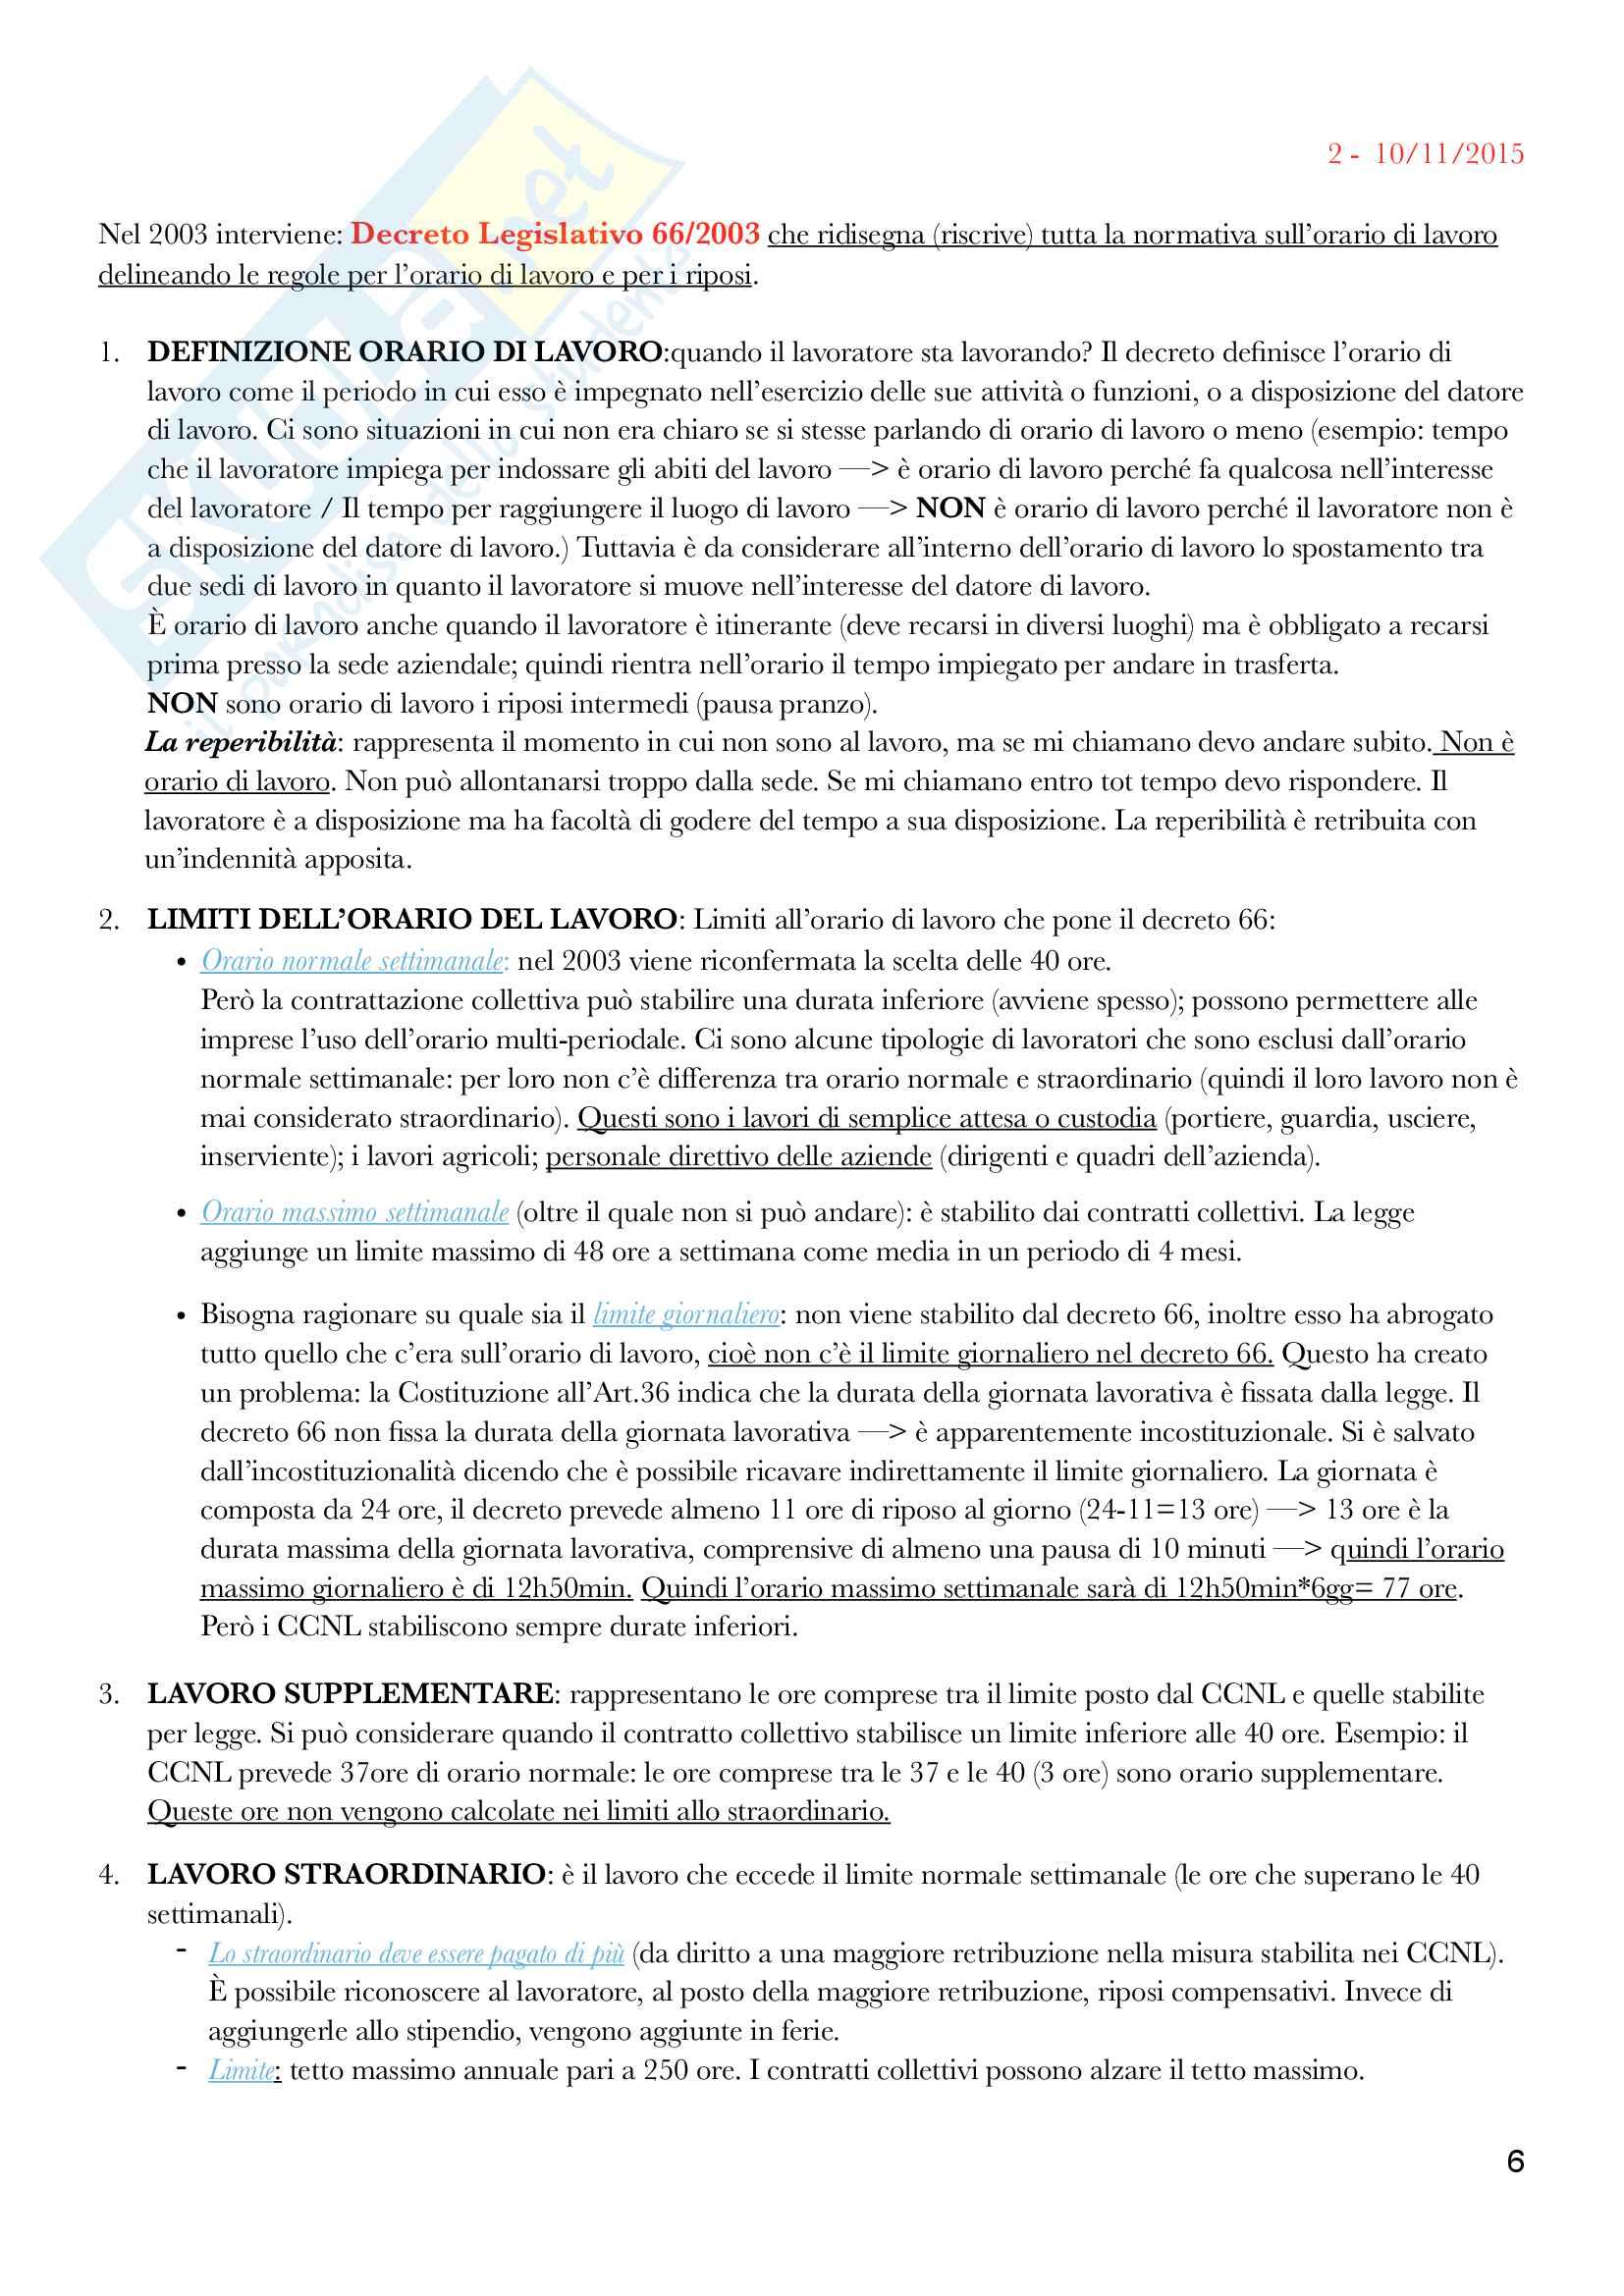 Diritto del lavoro - II Modulo Prof. Emanuele Menegatti. Appunti presi a lezione. Pag. 6